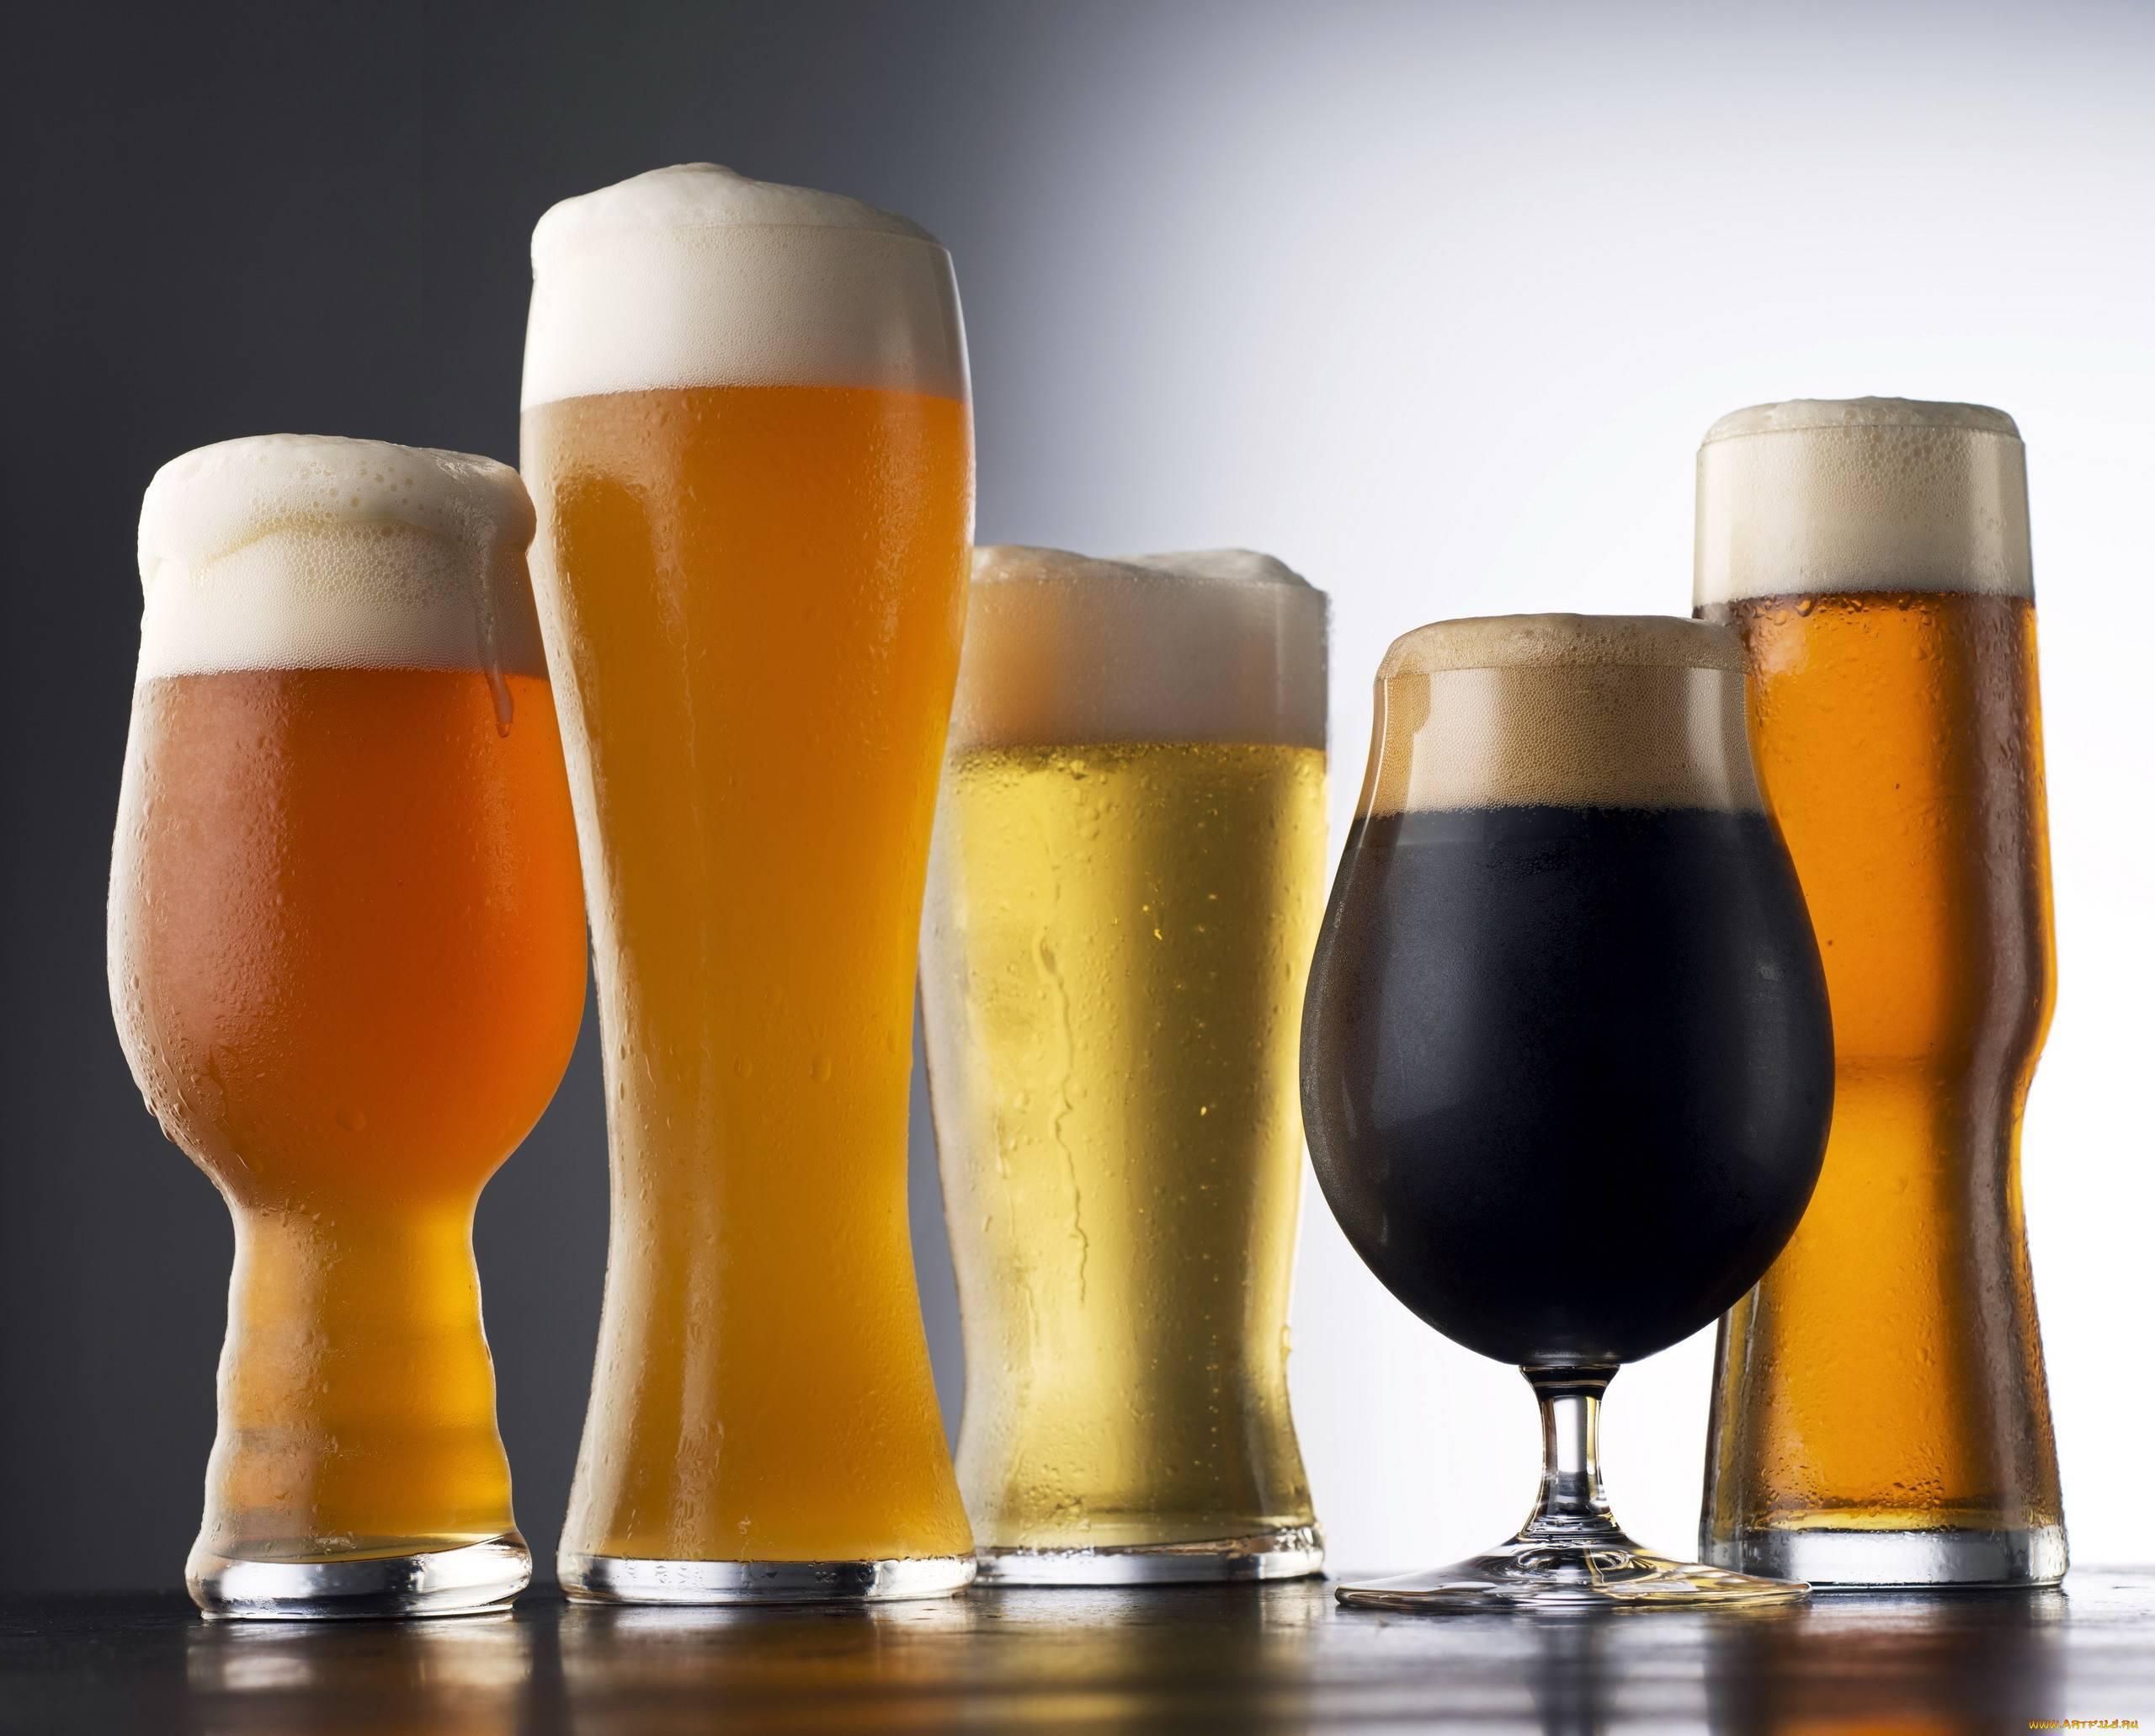 Чем отличается пиво от пивного напитка: состав и лучшие бренды